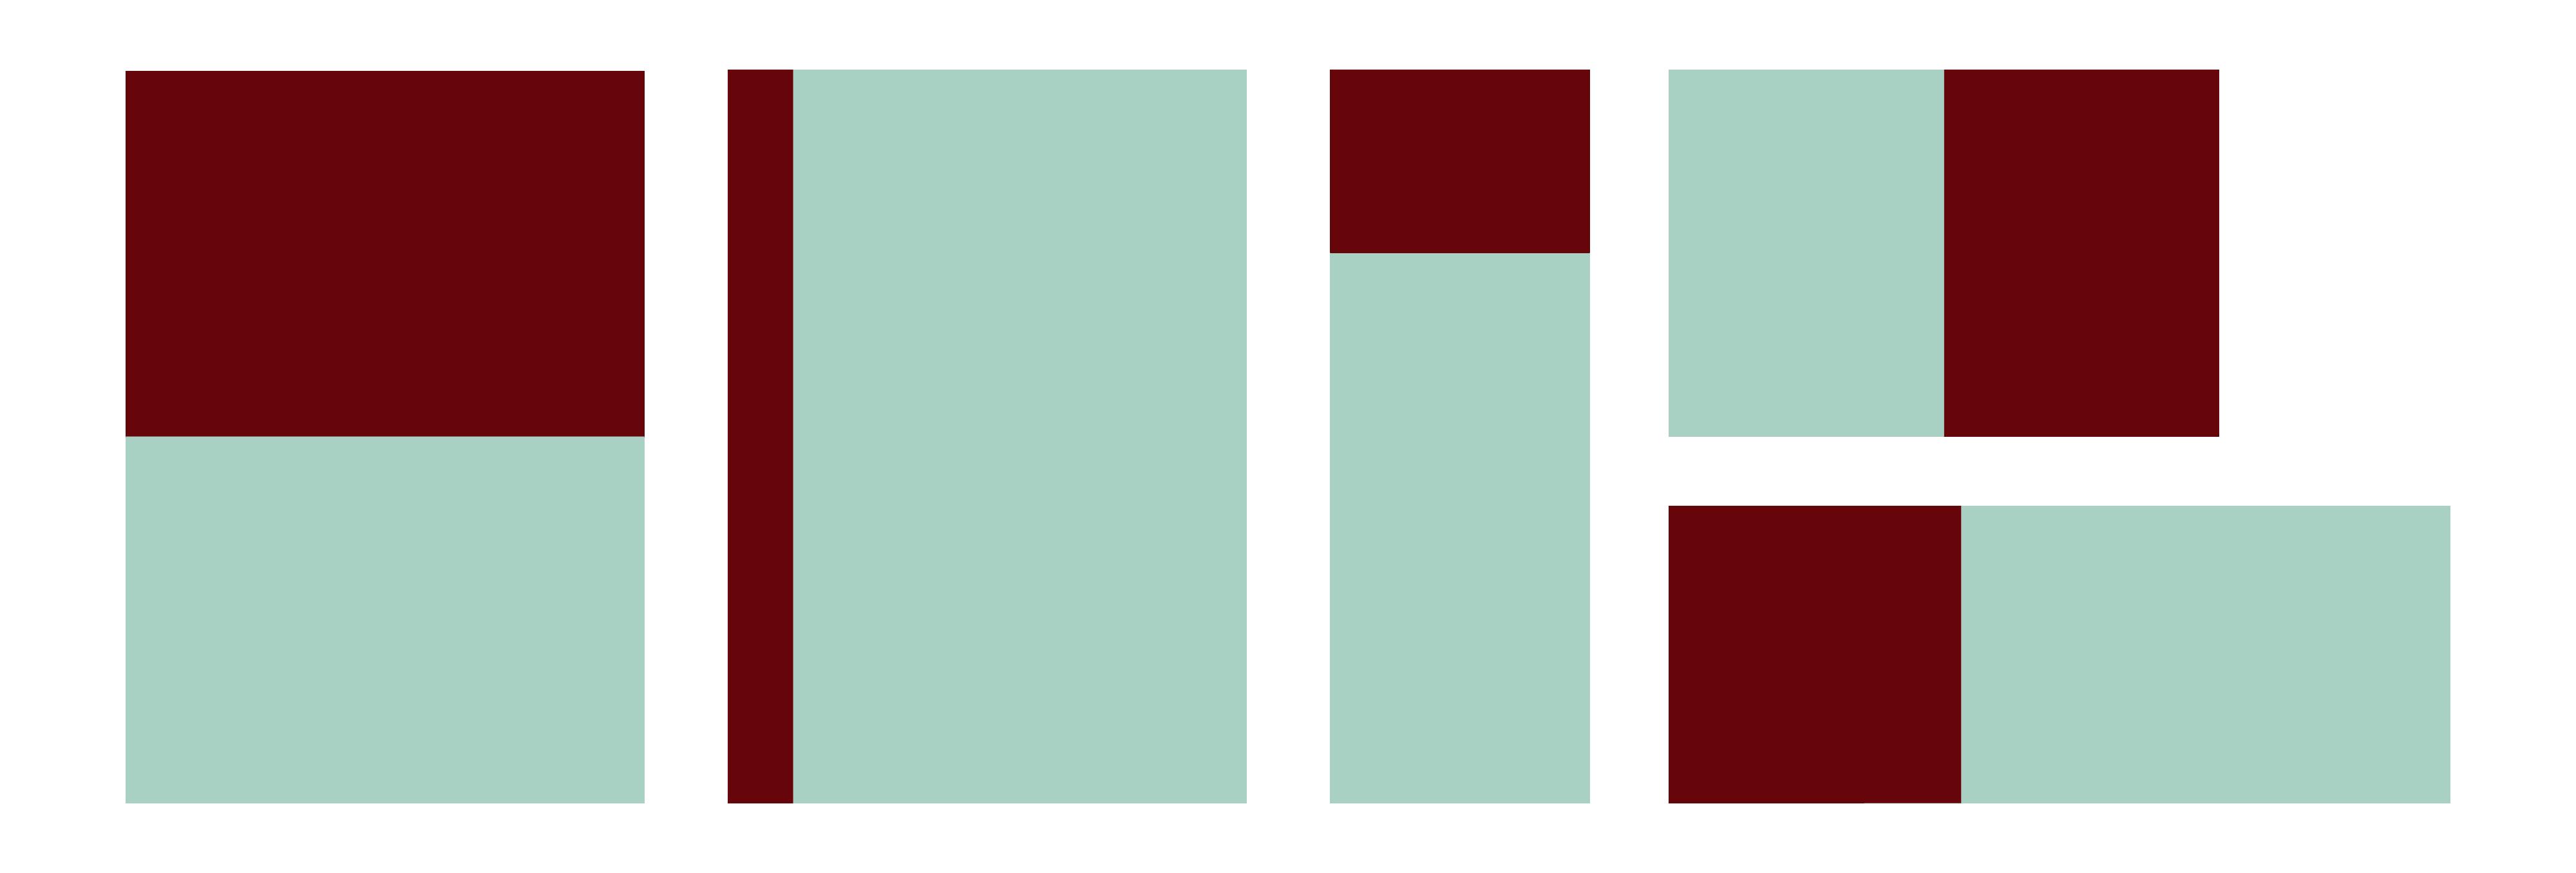 vmp_layoutprinsipper_bilder-03